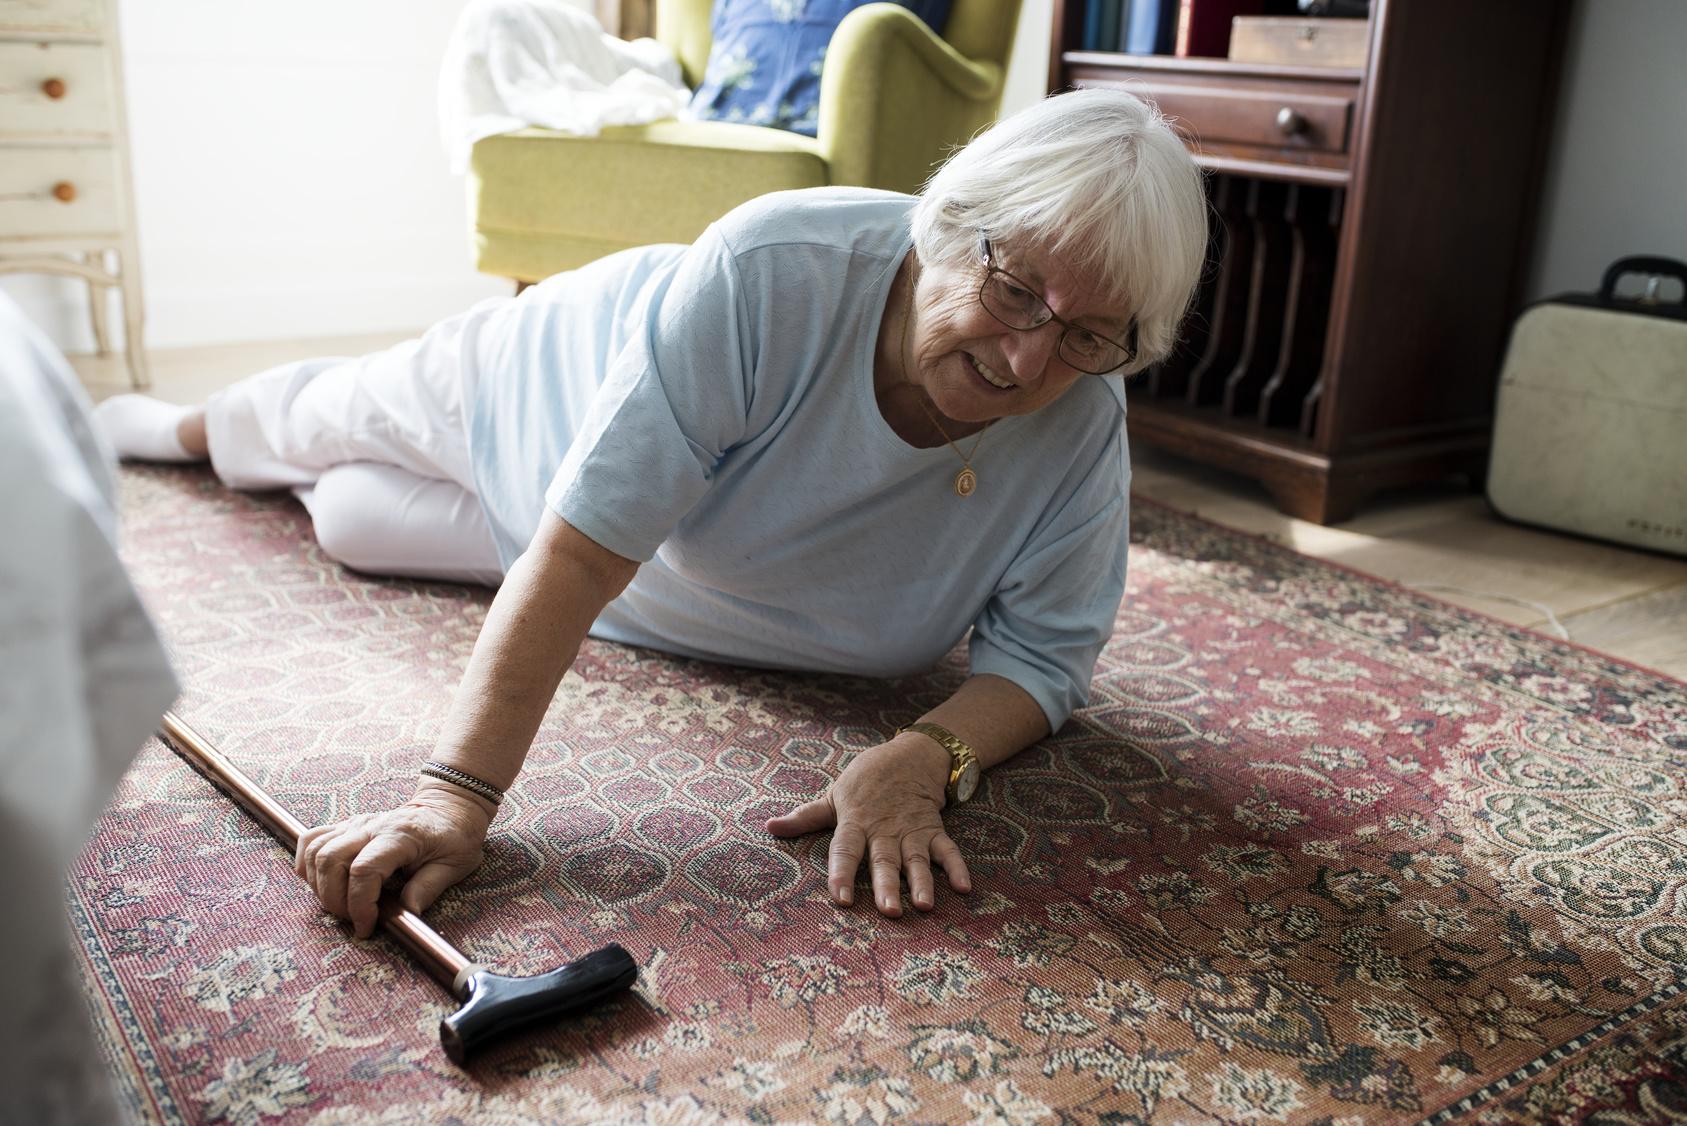 Elderly woman fall